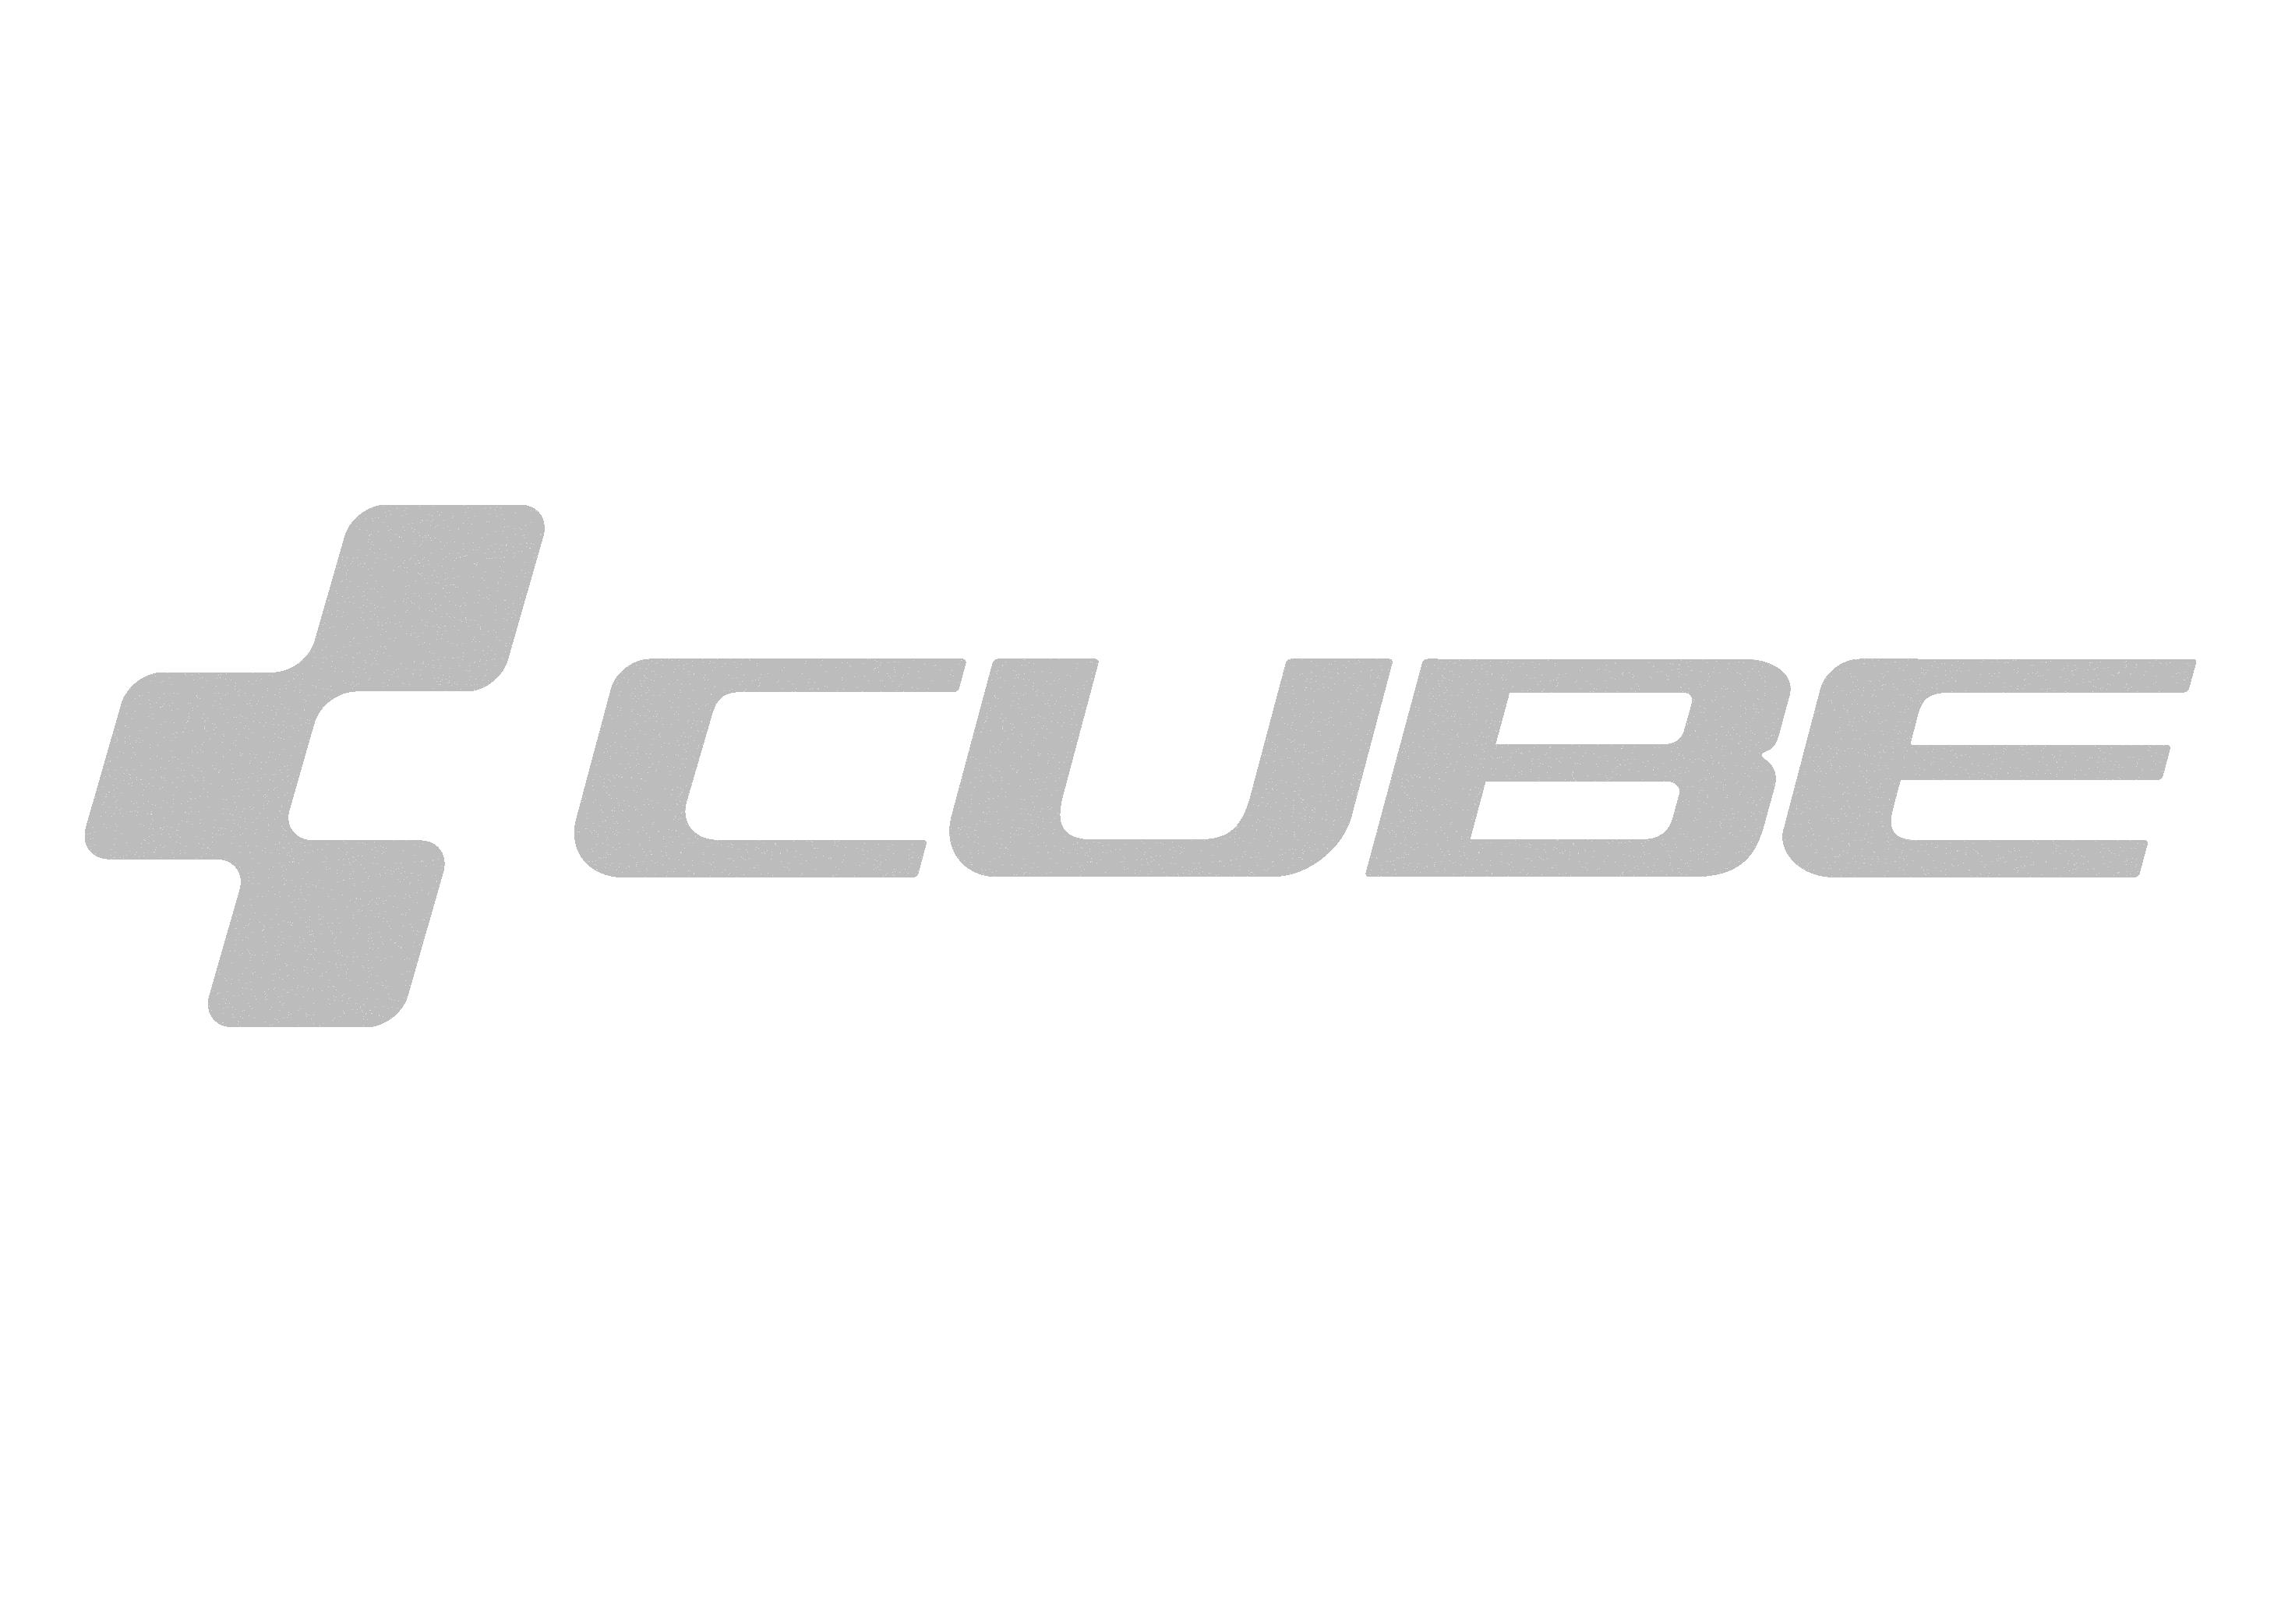 cube_logo_grey-1